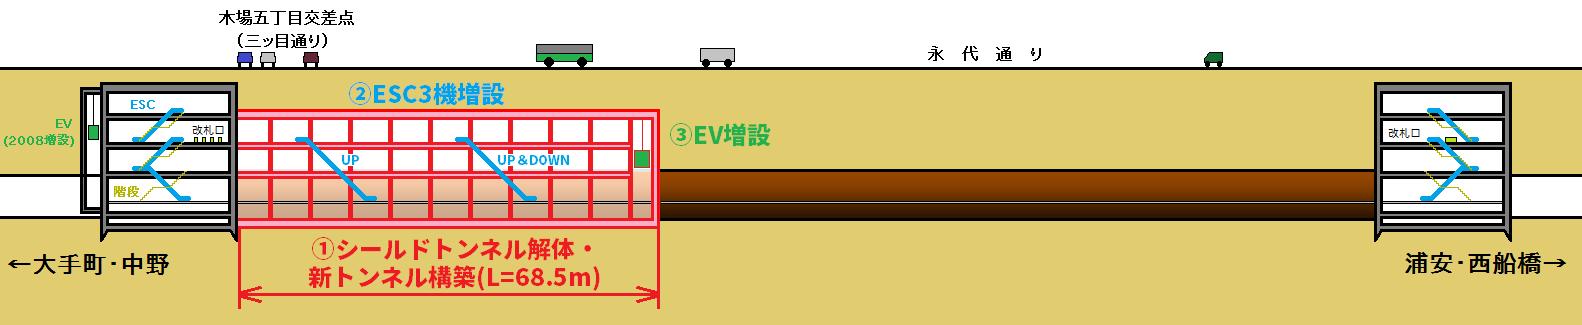 木場駅改良工事のイメージ図。赤い部分がシールドトンネルを解体して新規に構築する部分。